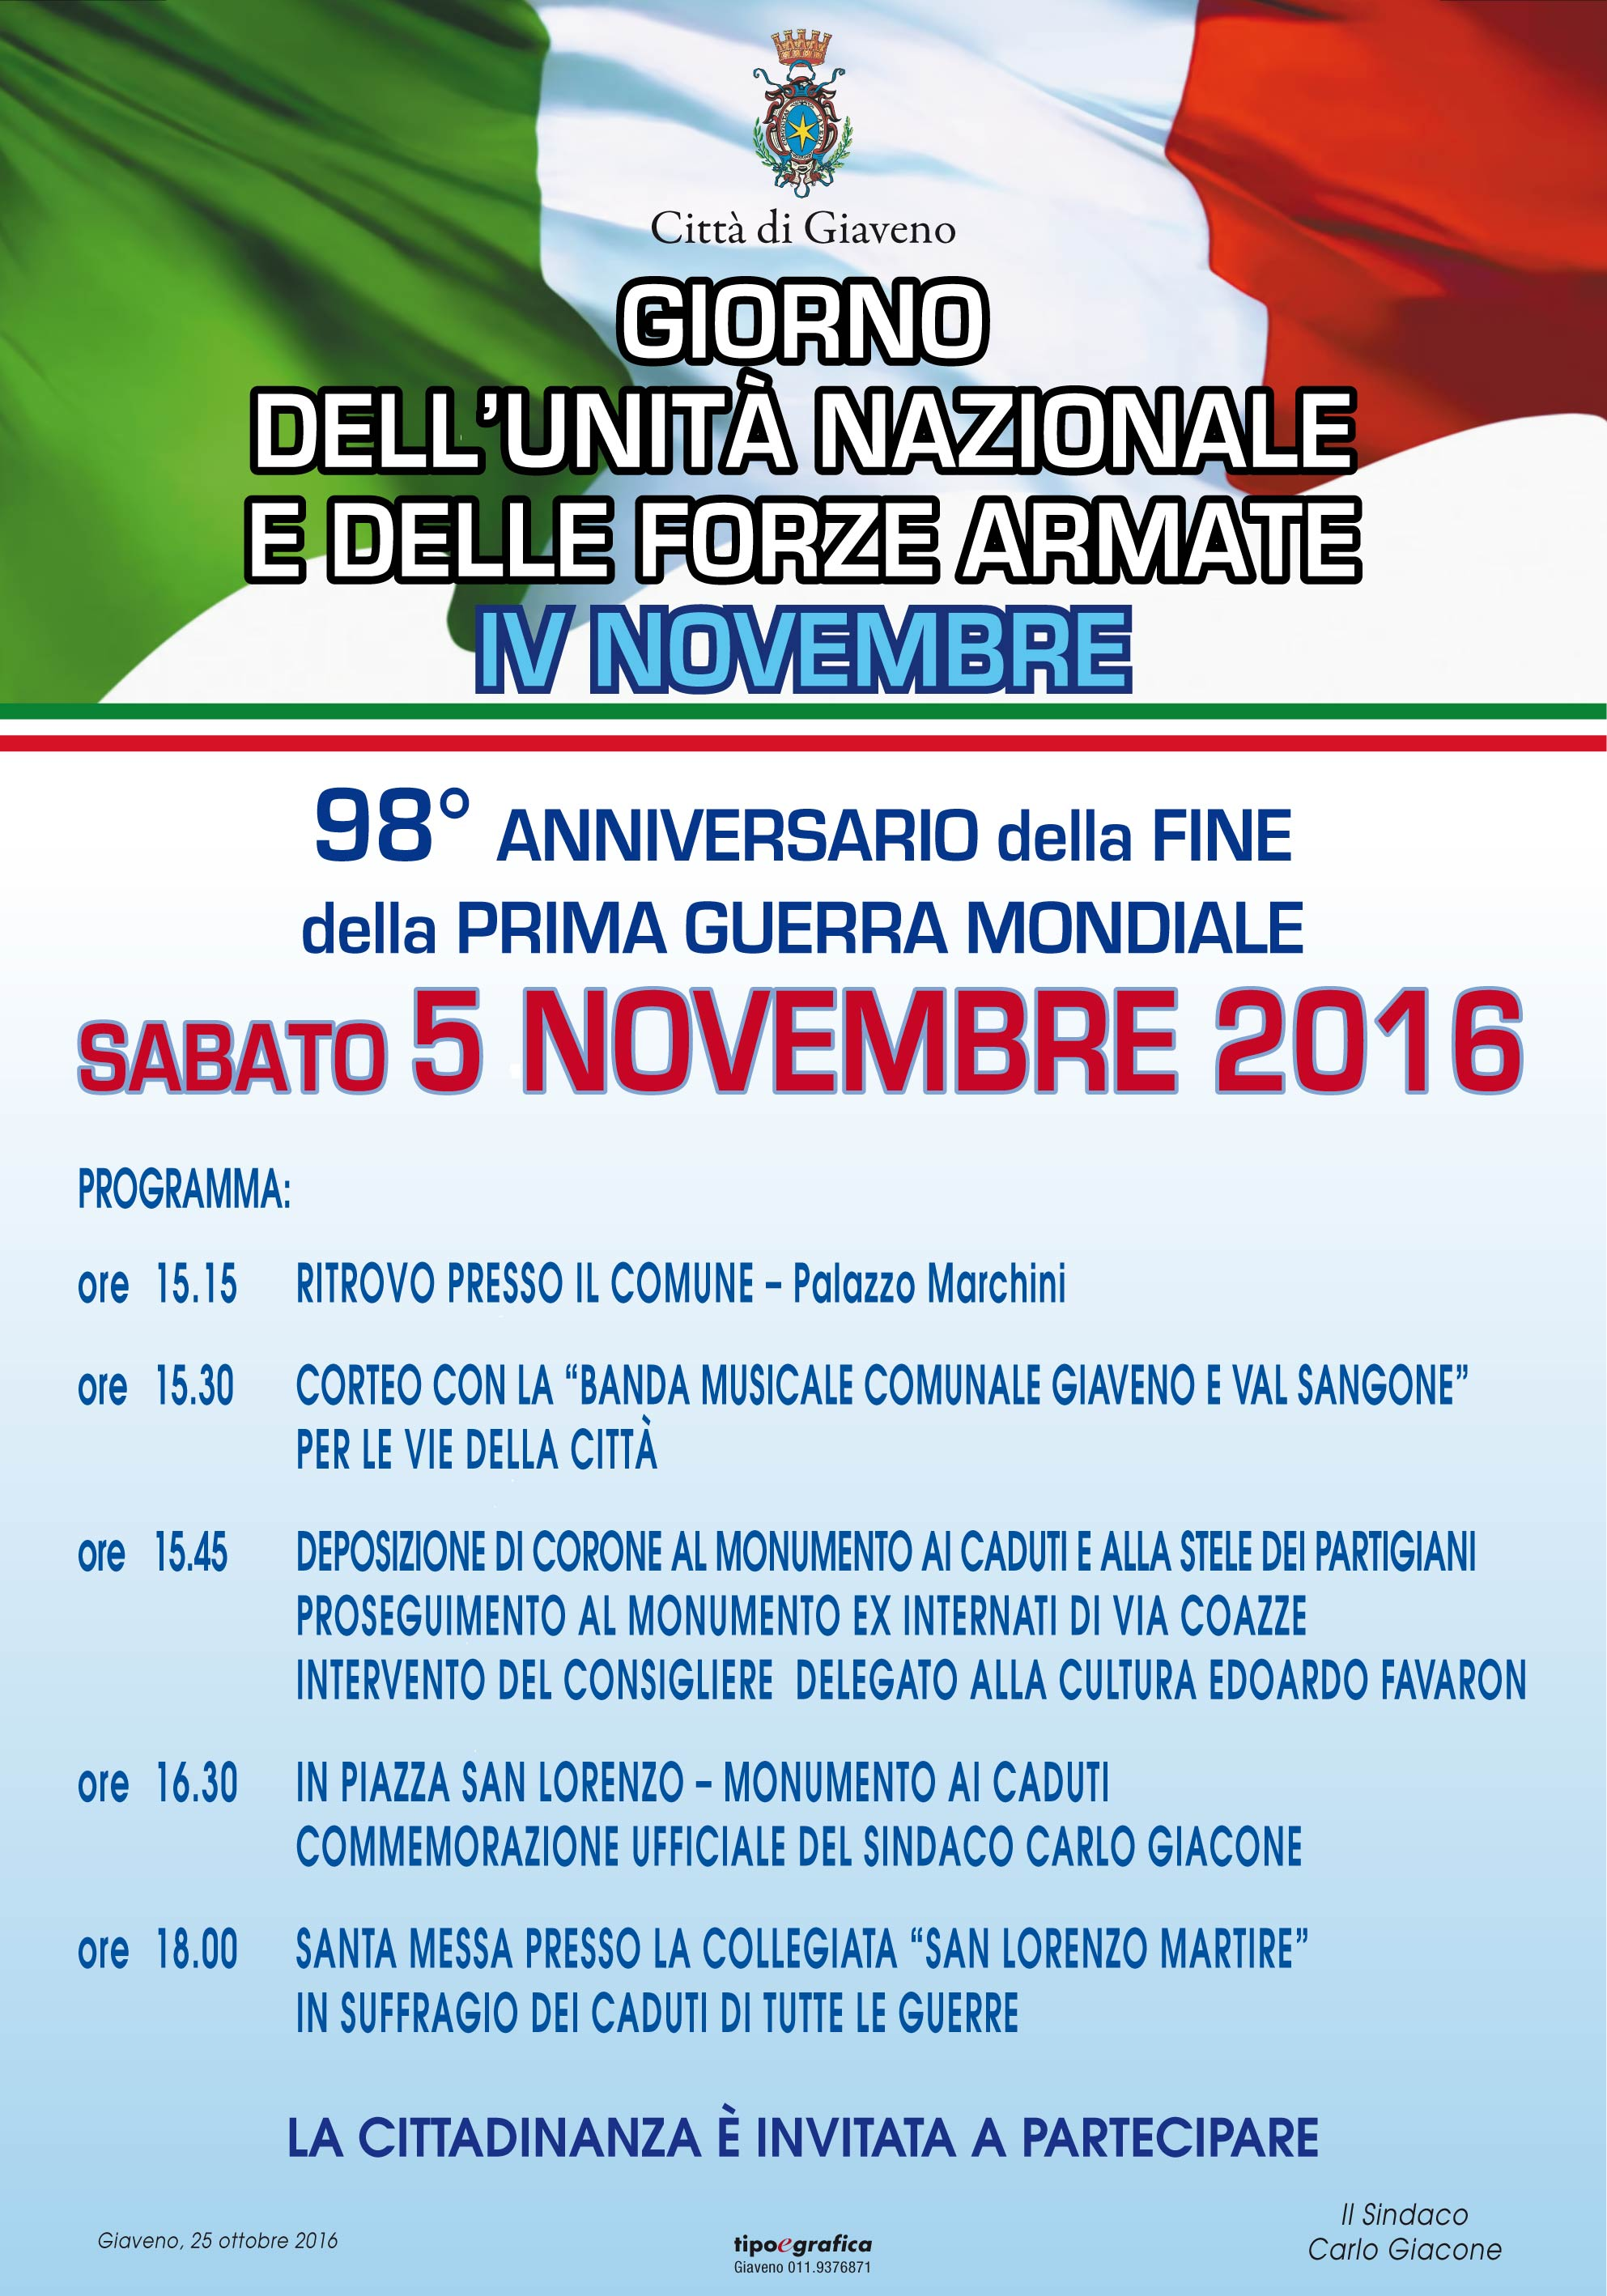 Giorno dell'Unità Nazionale  IV Novembre –  Commemorazione sabato 5 novembre 2016